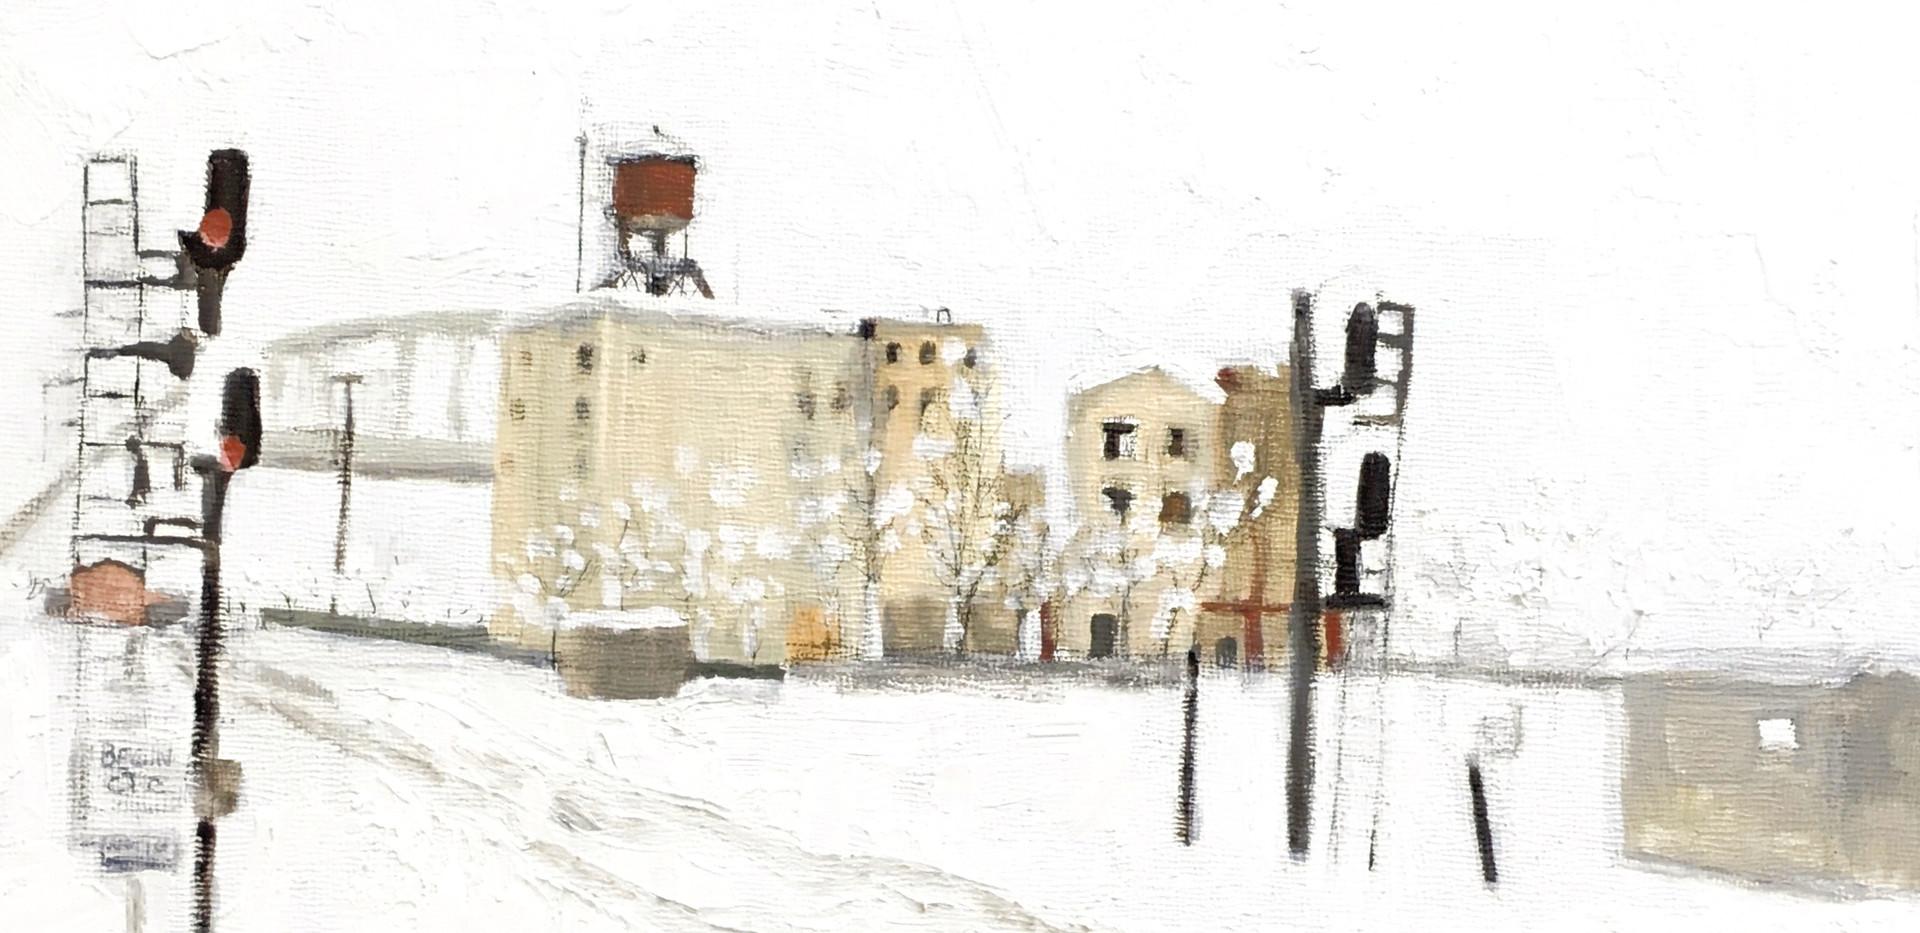 Centennial Mills Snowscape II